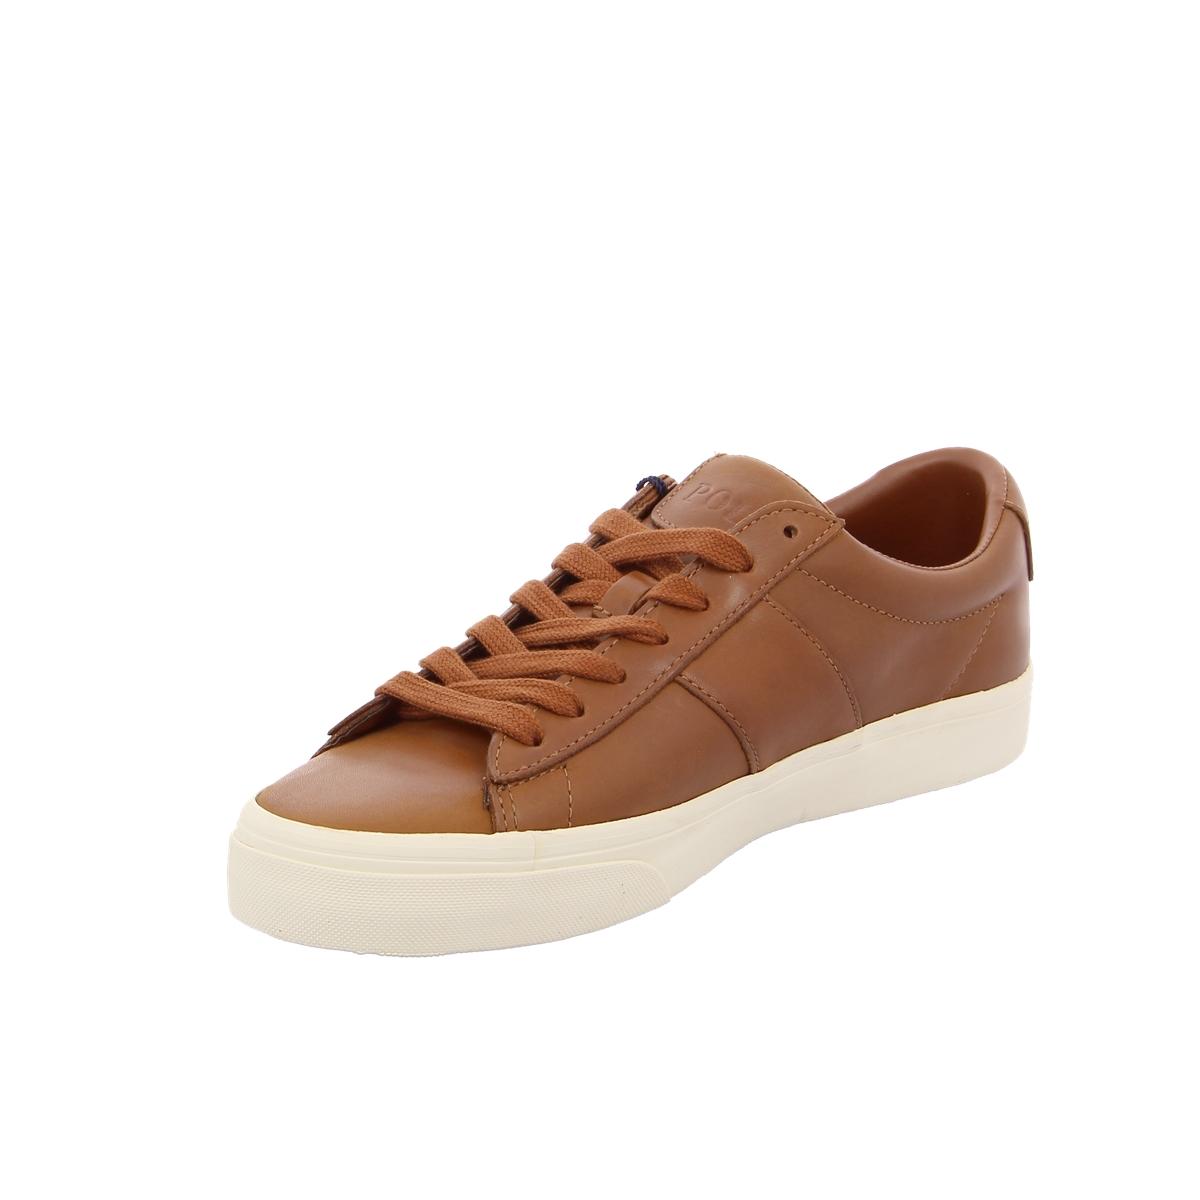 Ralph Lauren Sneakers cognac